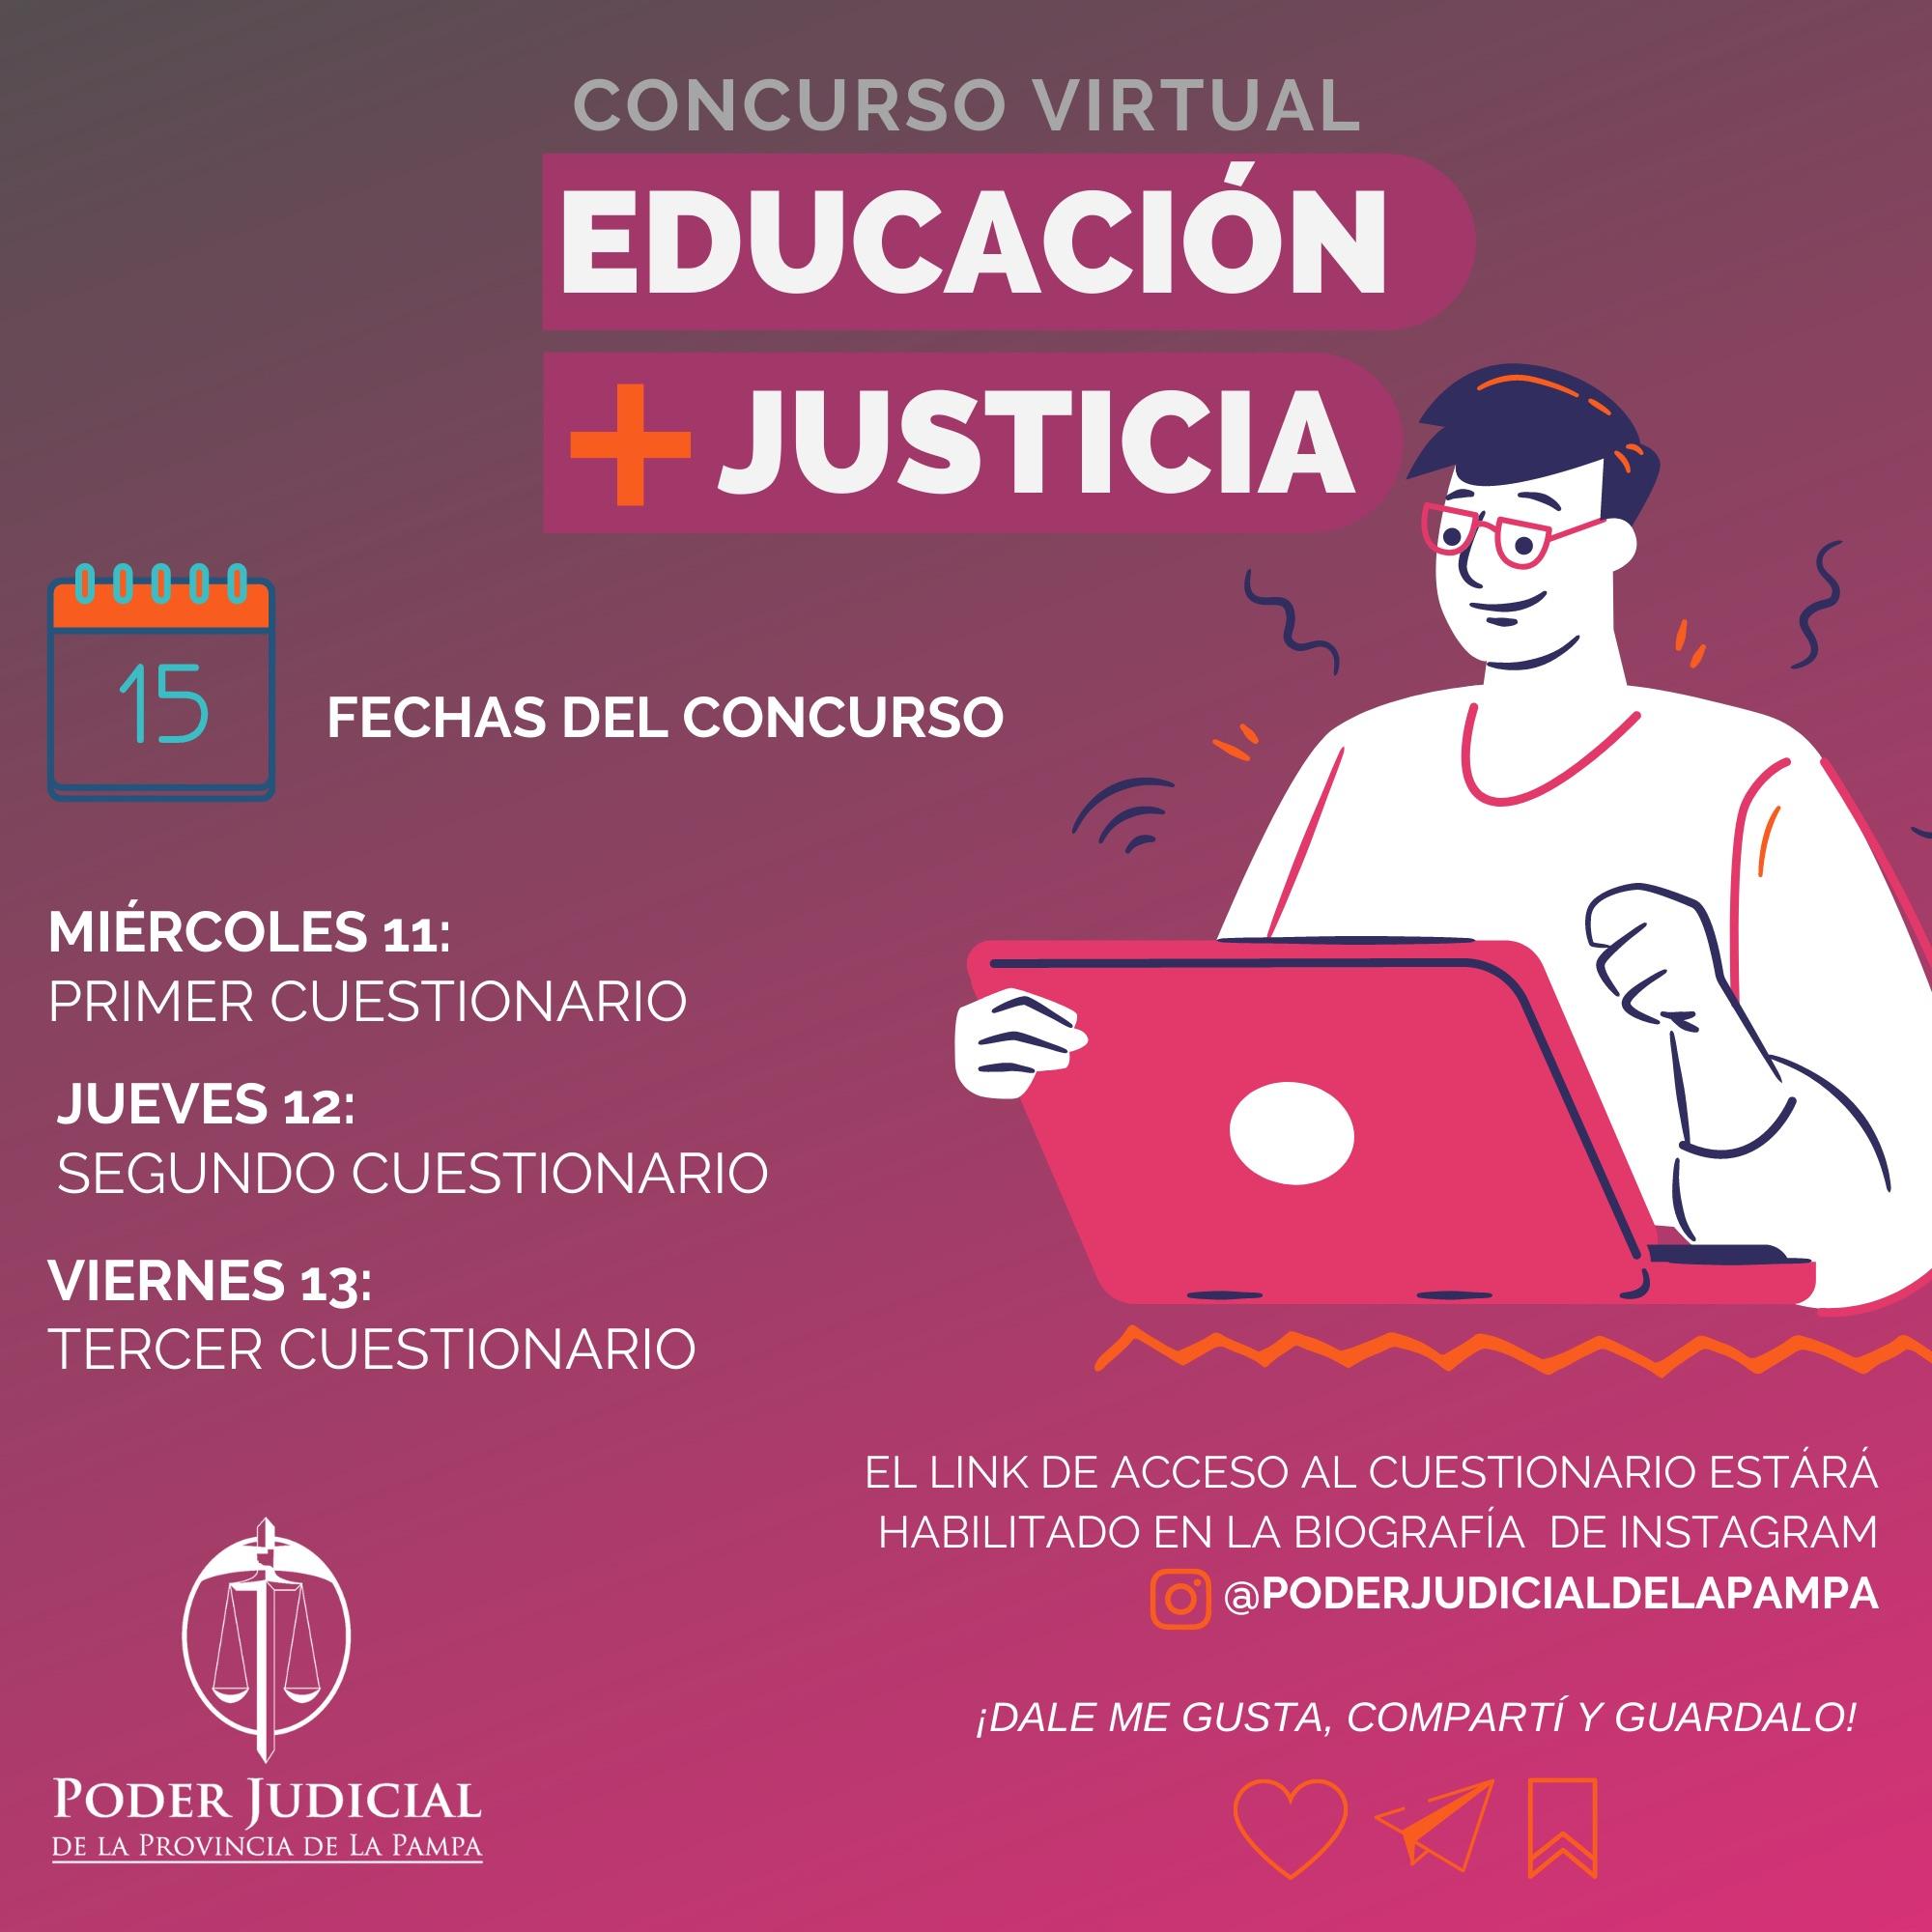 El Poder Judicial de La Pampa lanza un concurso virtual para estudiantes secundarios